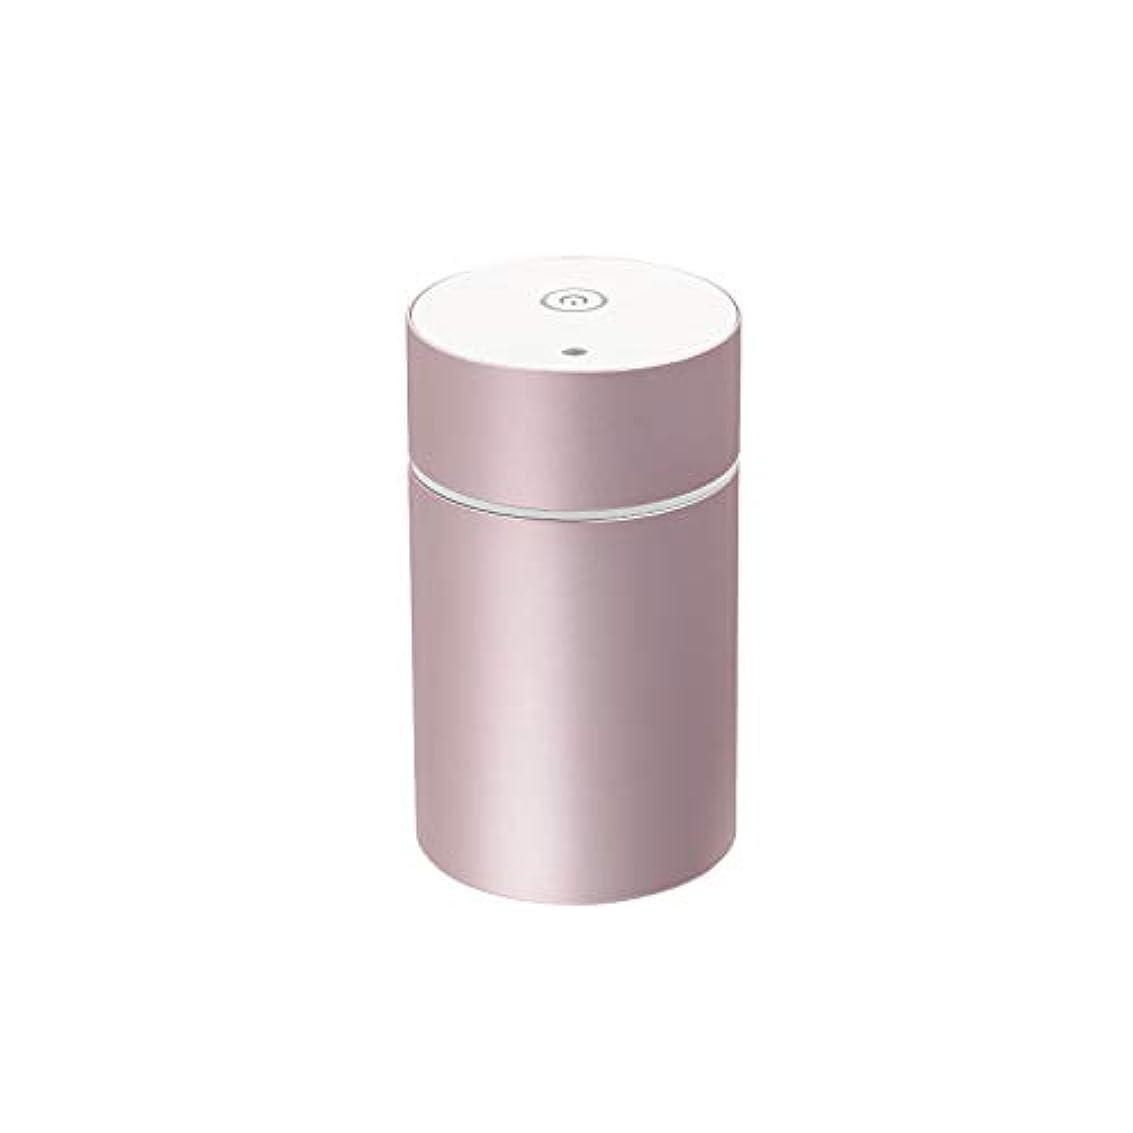 百万ベーシック対処する生活の木 アロマディフューザー(ピンク)aromore mini(アロモアミニ) 08-801-7020